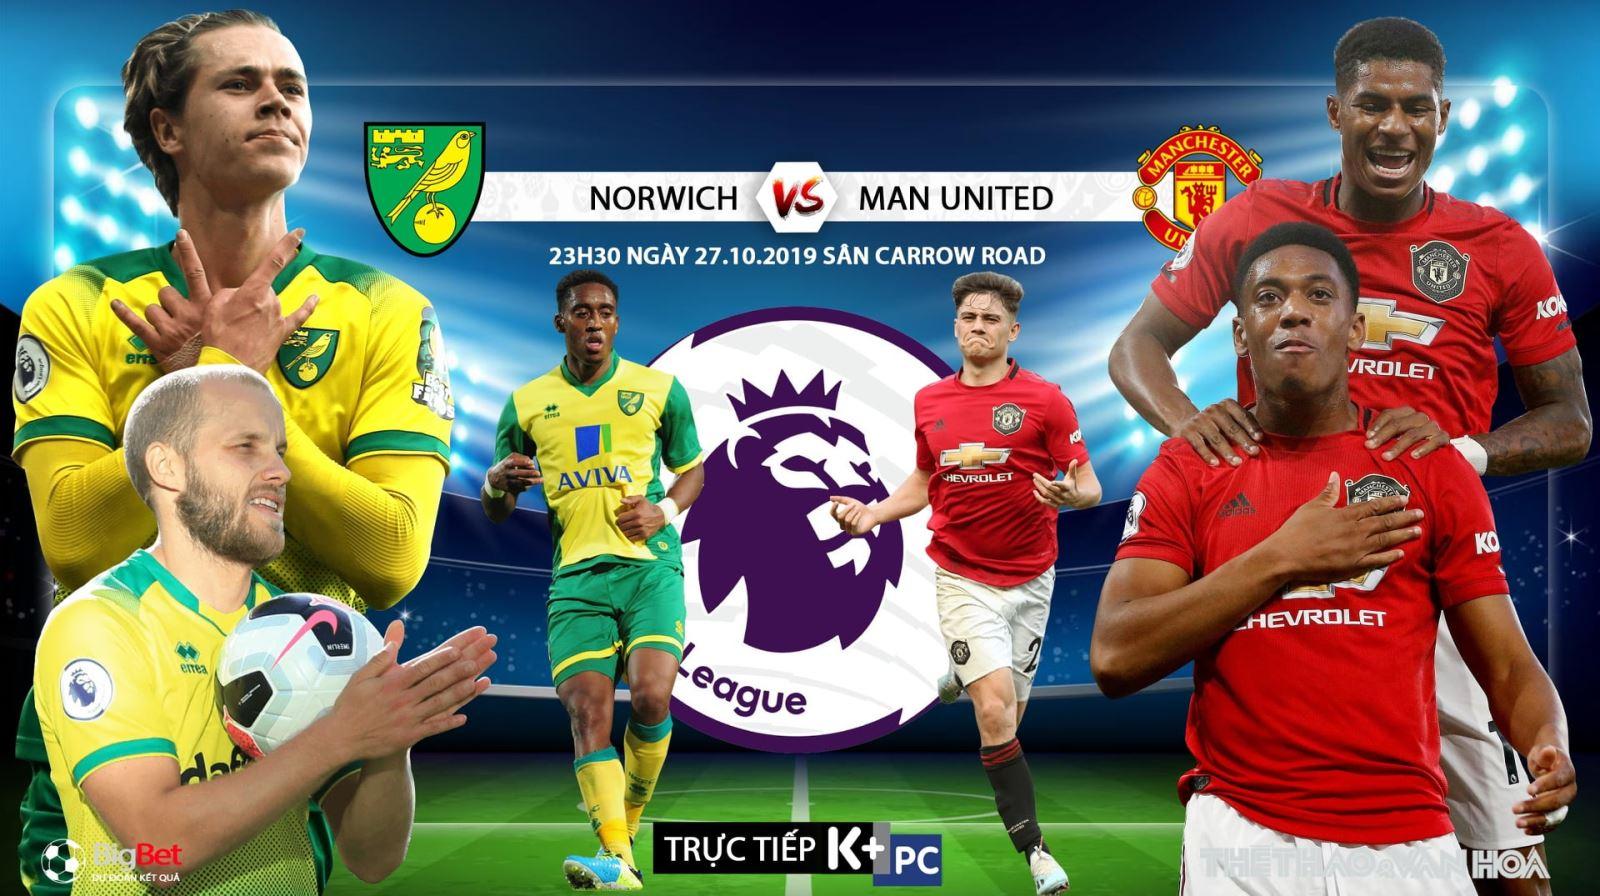 Soi kèo bóng đá: Norwich đấu với MU (23h30 ngày 27/10). Trực tiếp K+, K+PM, K+PC